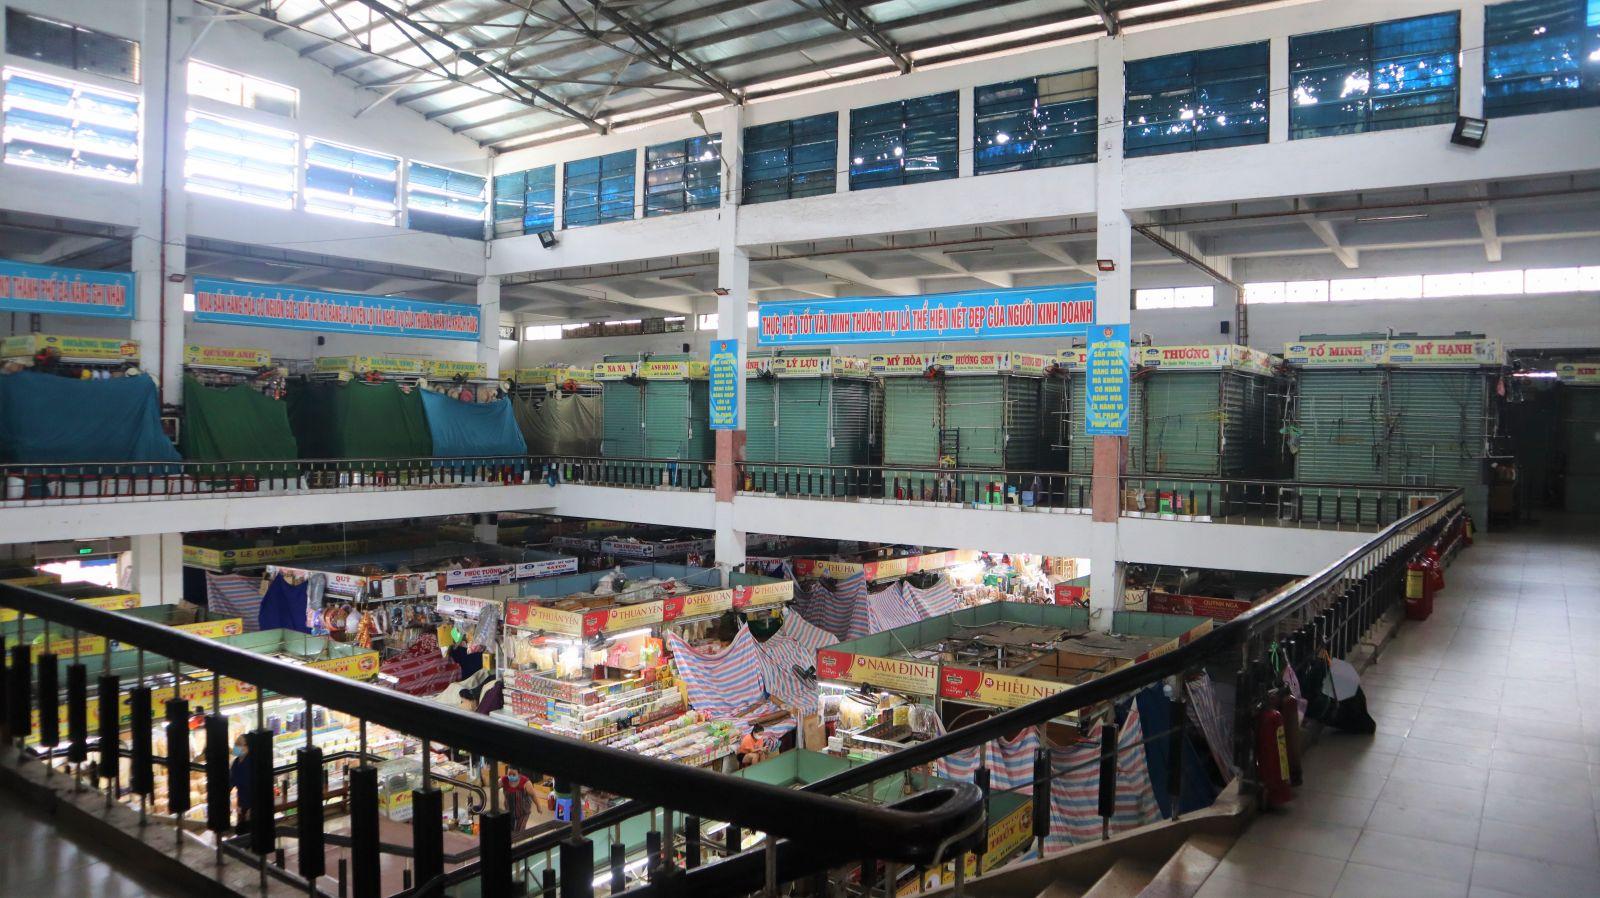 Chợ Hàn Đà Nẵngcó 2 tầng cùng 576 gian hàng và 36 ki-ốt xung quanh. Hiện nay, chỉ buôn bán các mặt hàng thiết yếu tại tầng 1